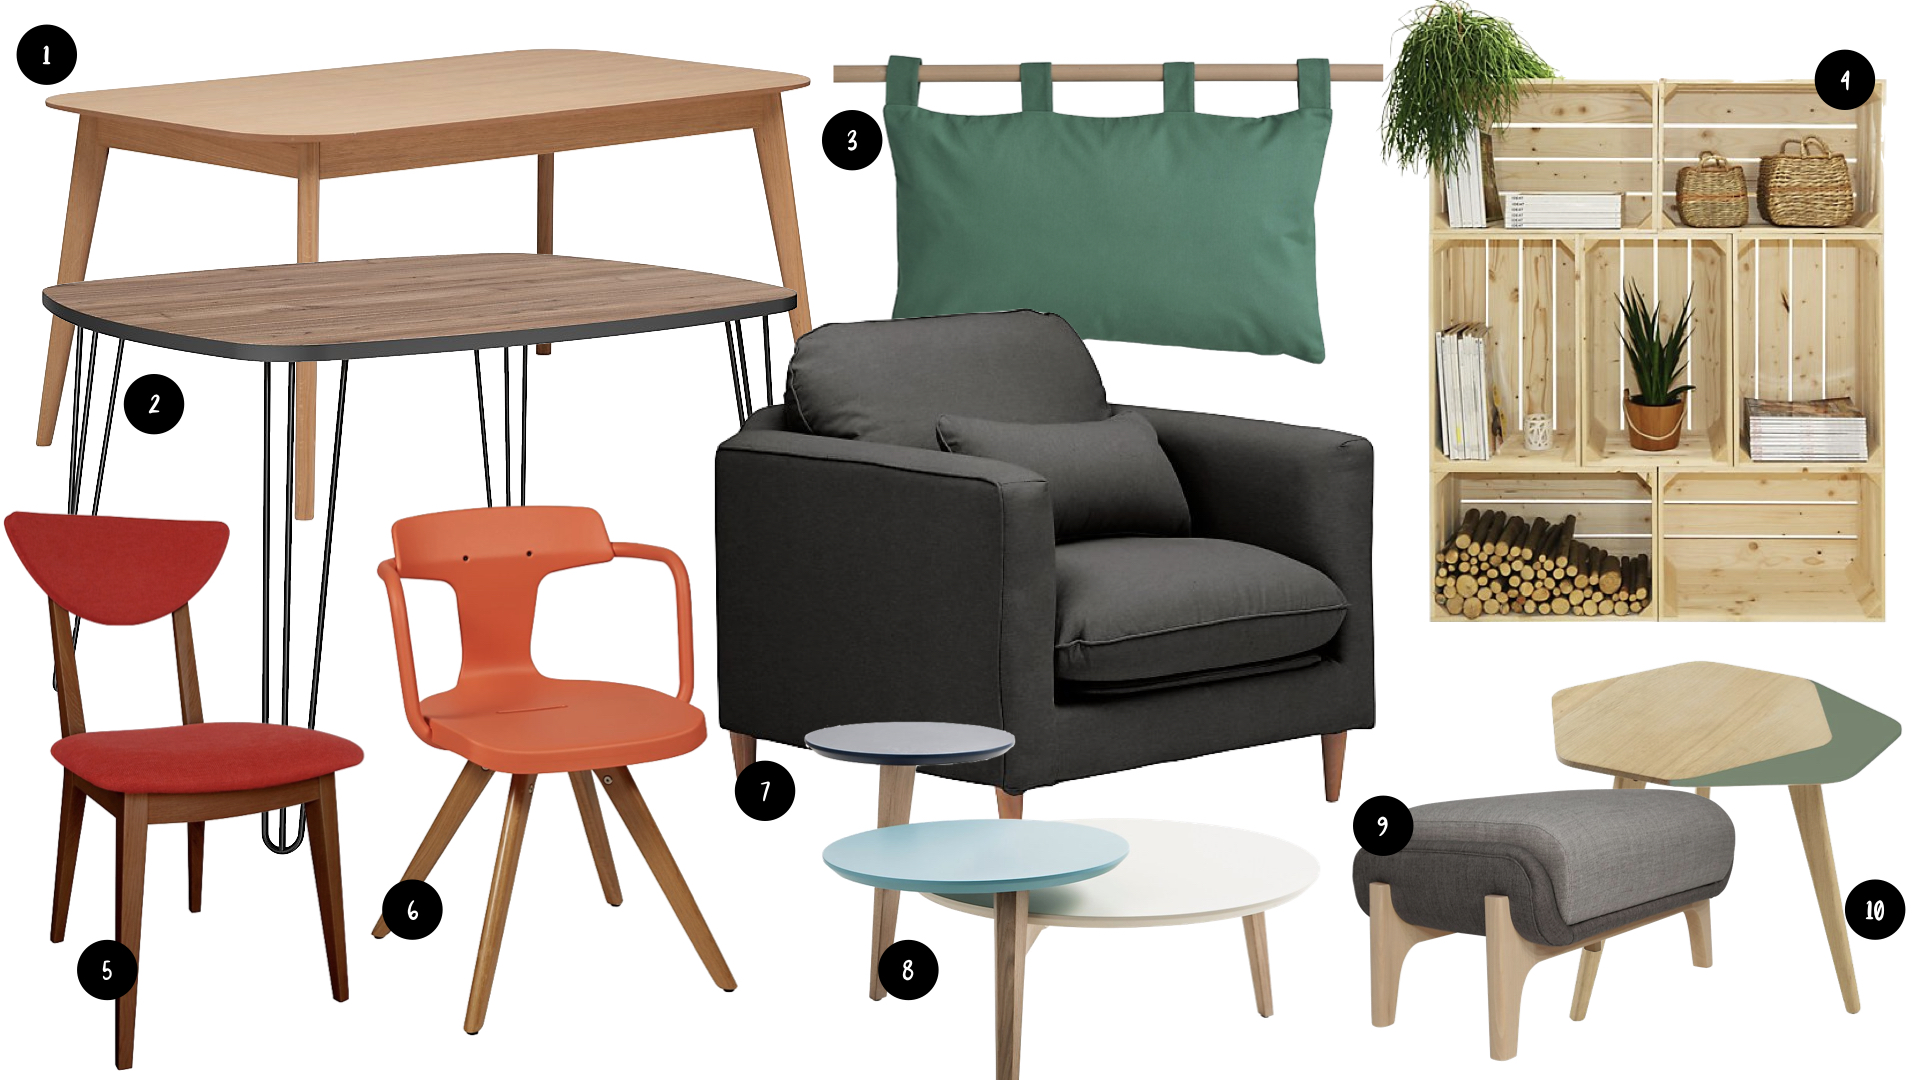 meublez vous francais selection meuble.001